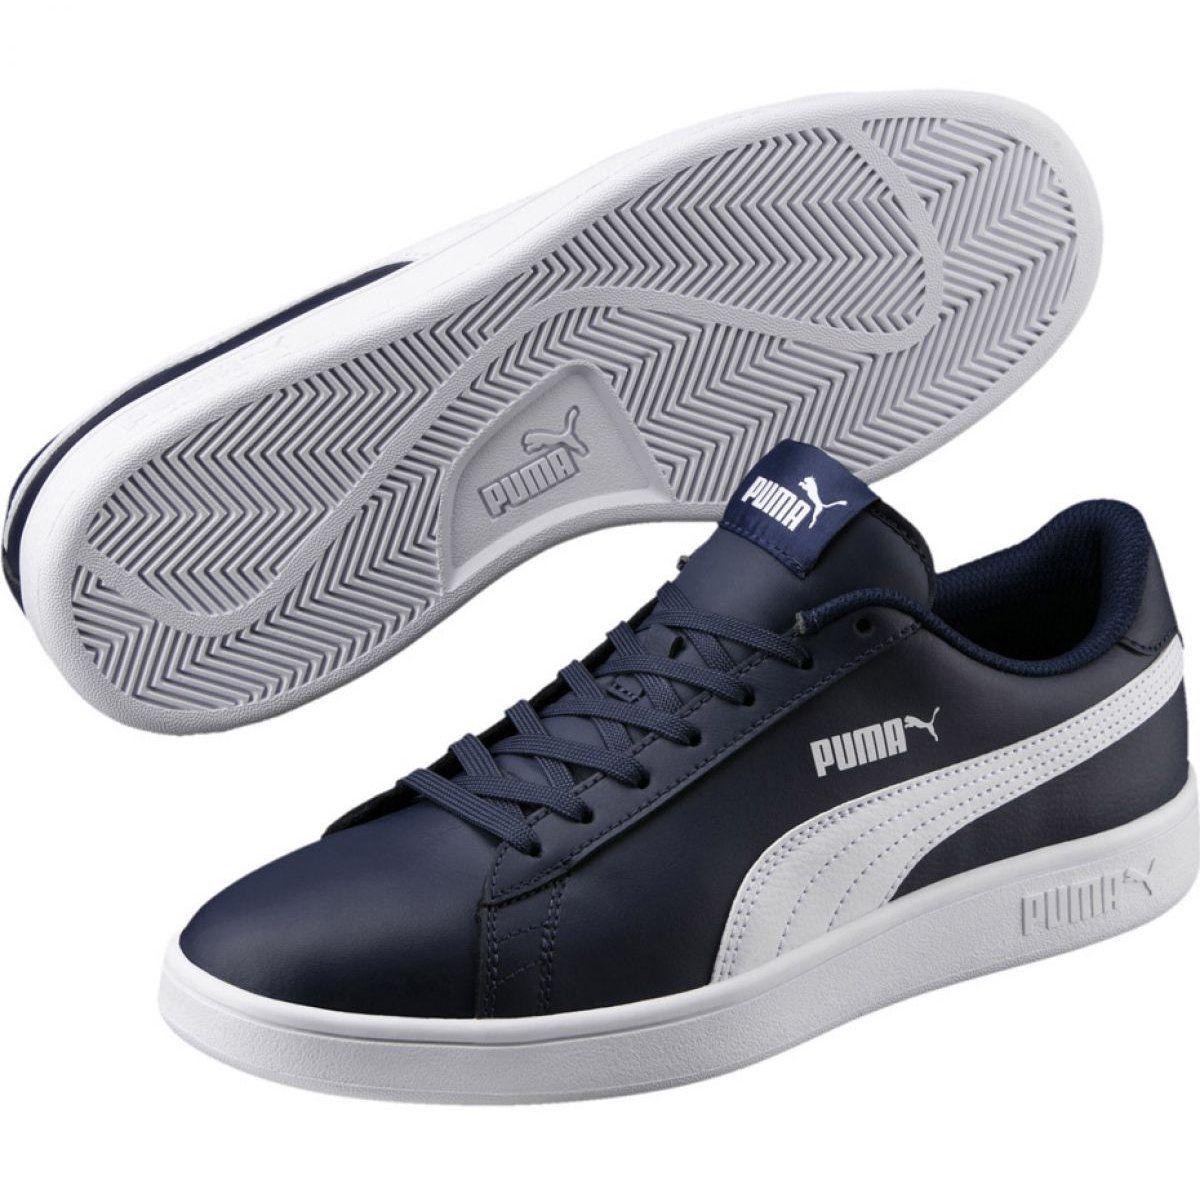 Shoes Puma Smash v2 LM 365215 05 navy